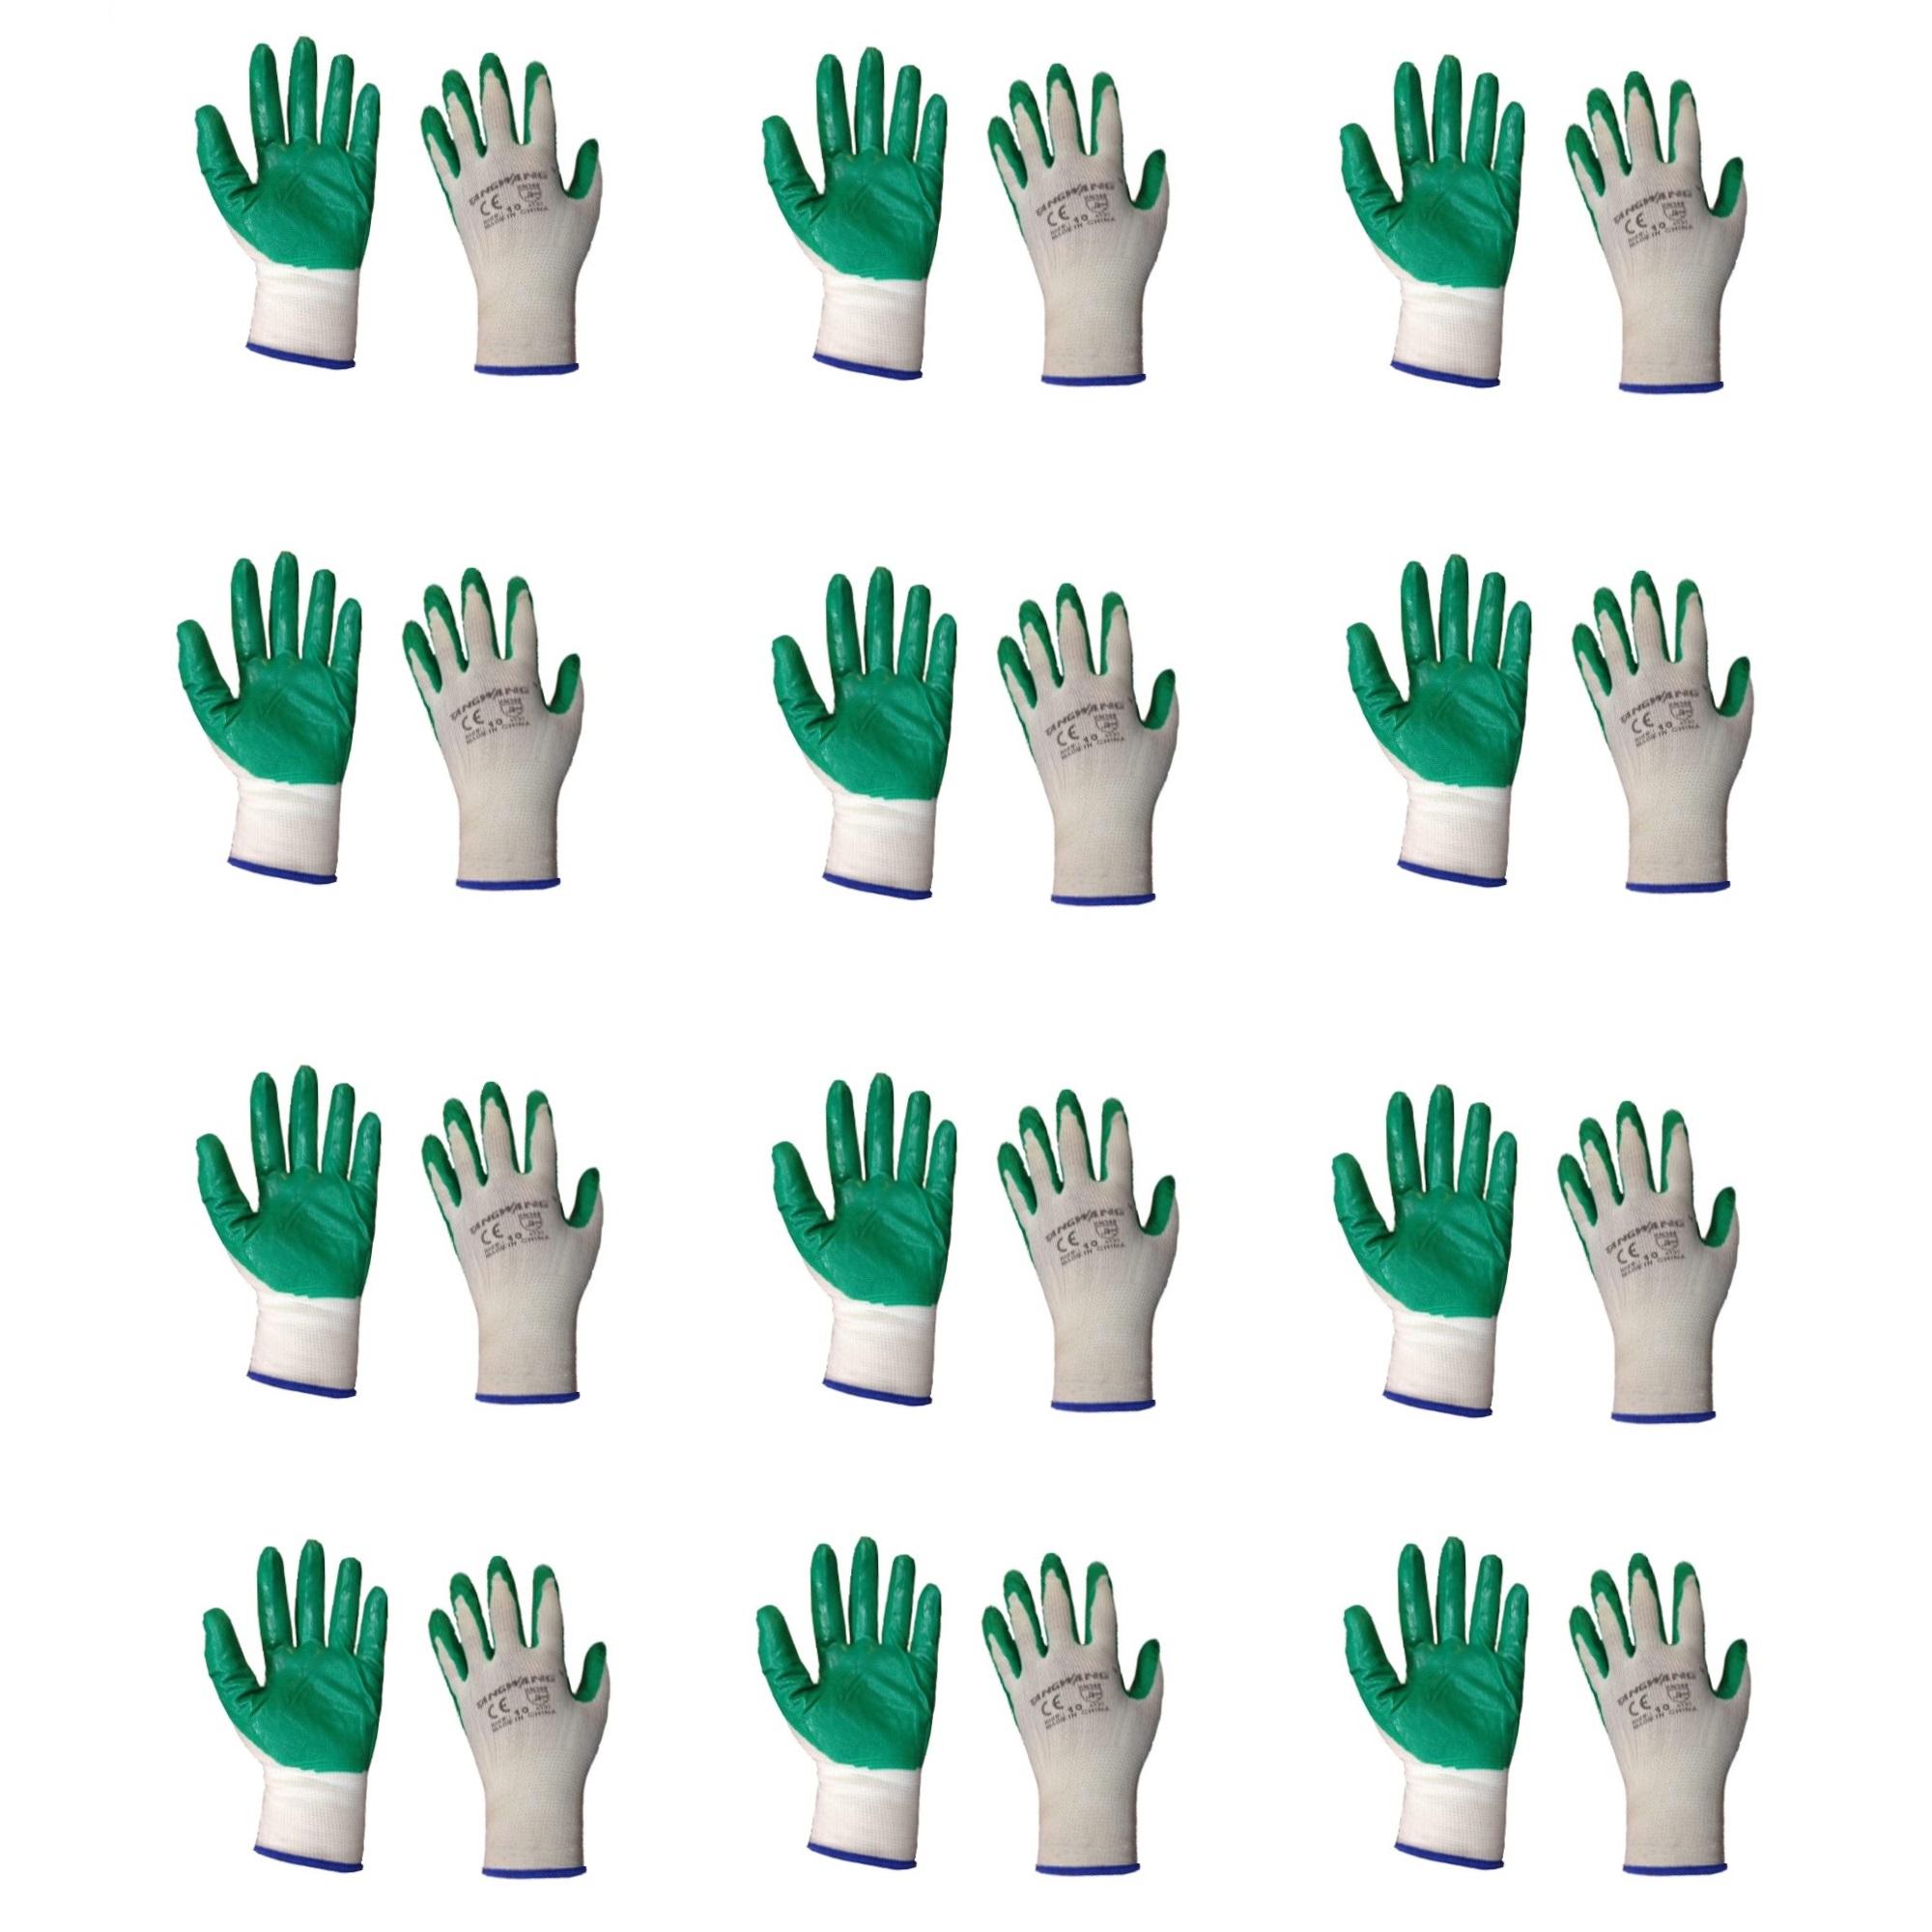 دستکش ایمنی تانگ وانگ کد 02 بسته 12 عددی